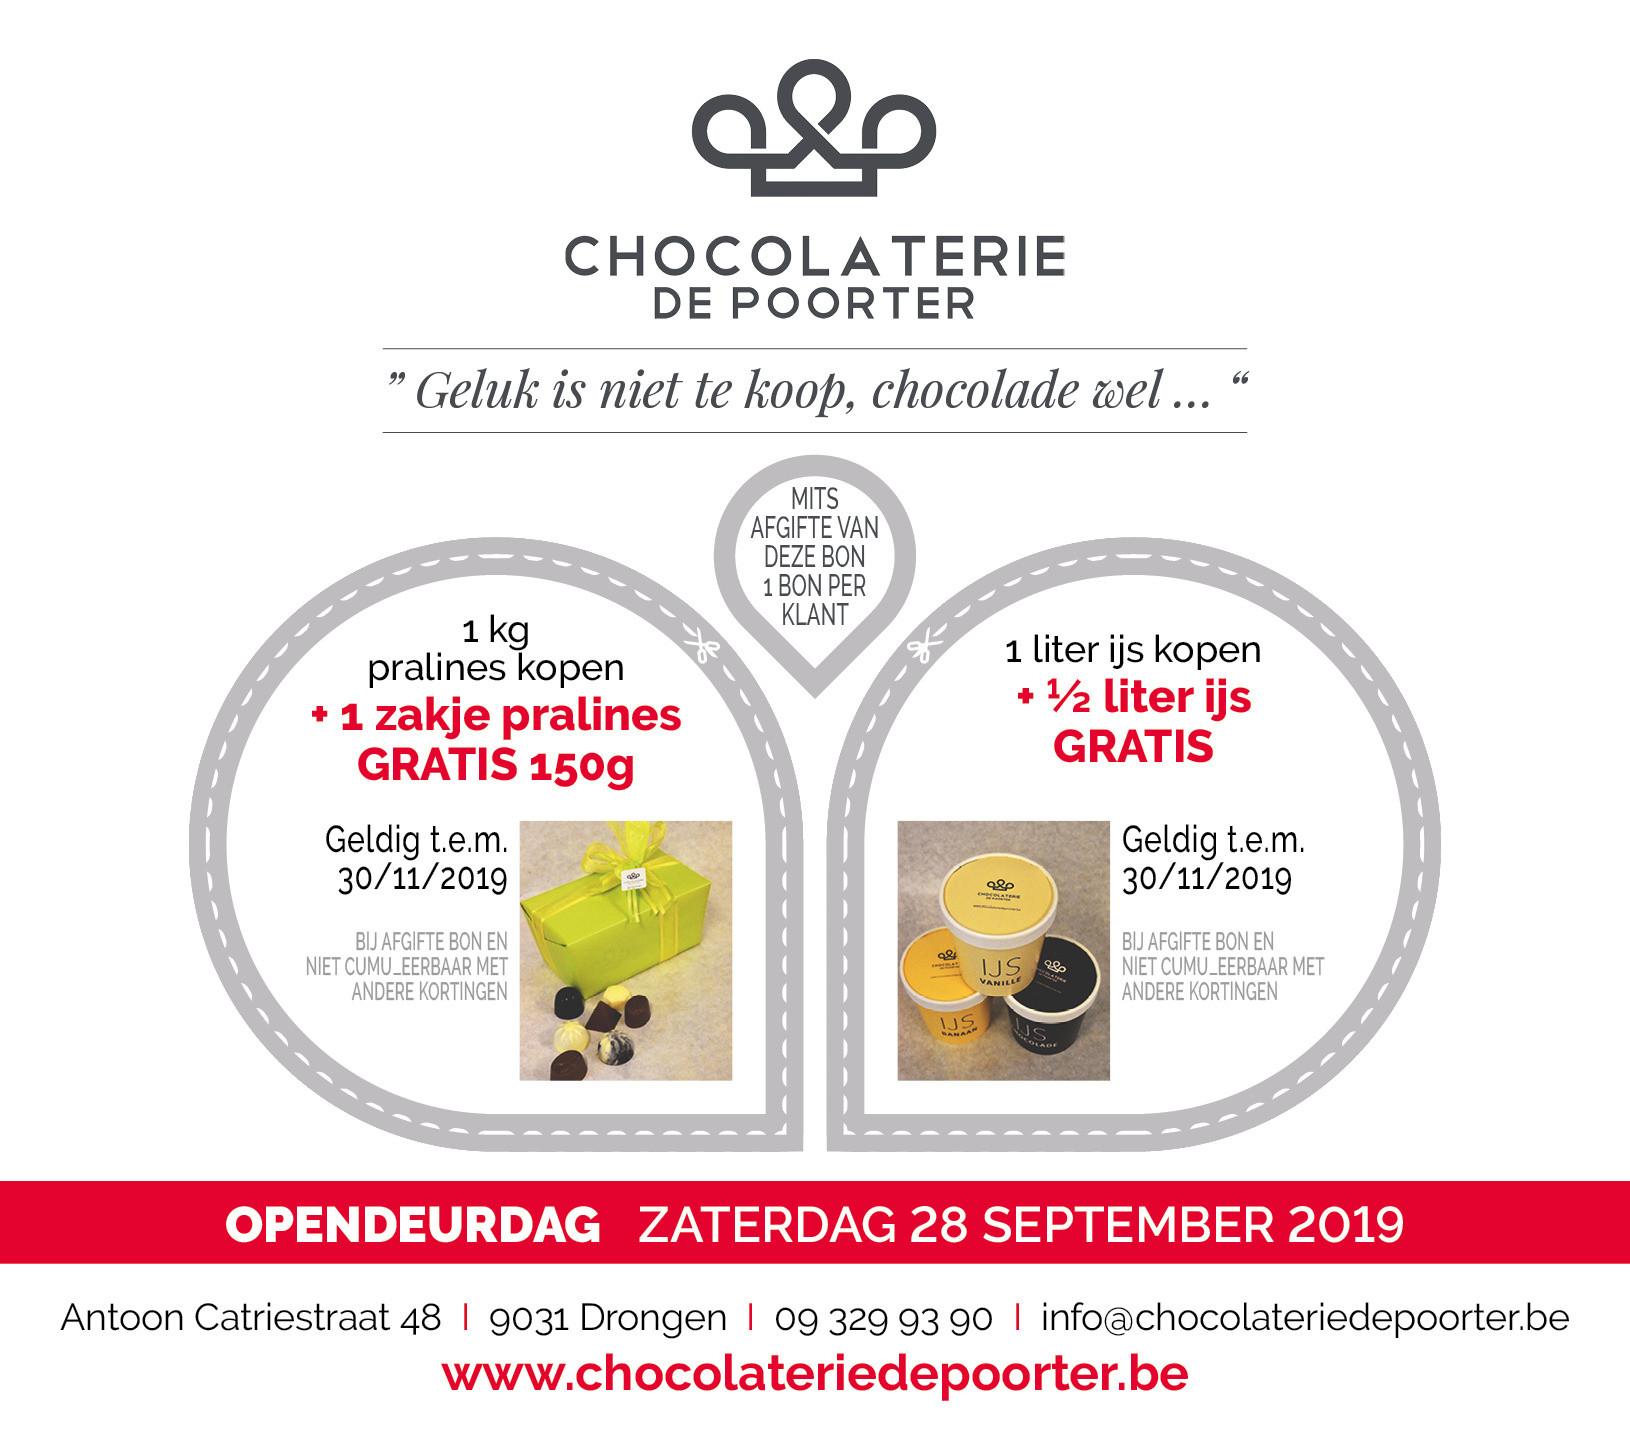 depoorter_chocolatier_drongen_sept_2019.jpg